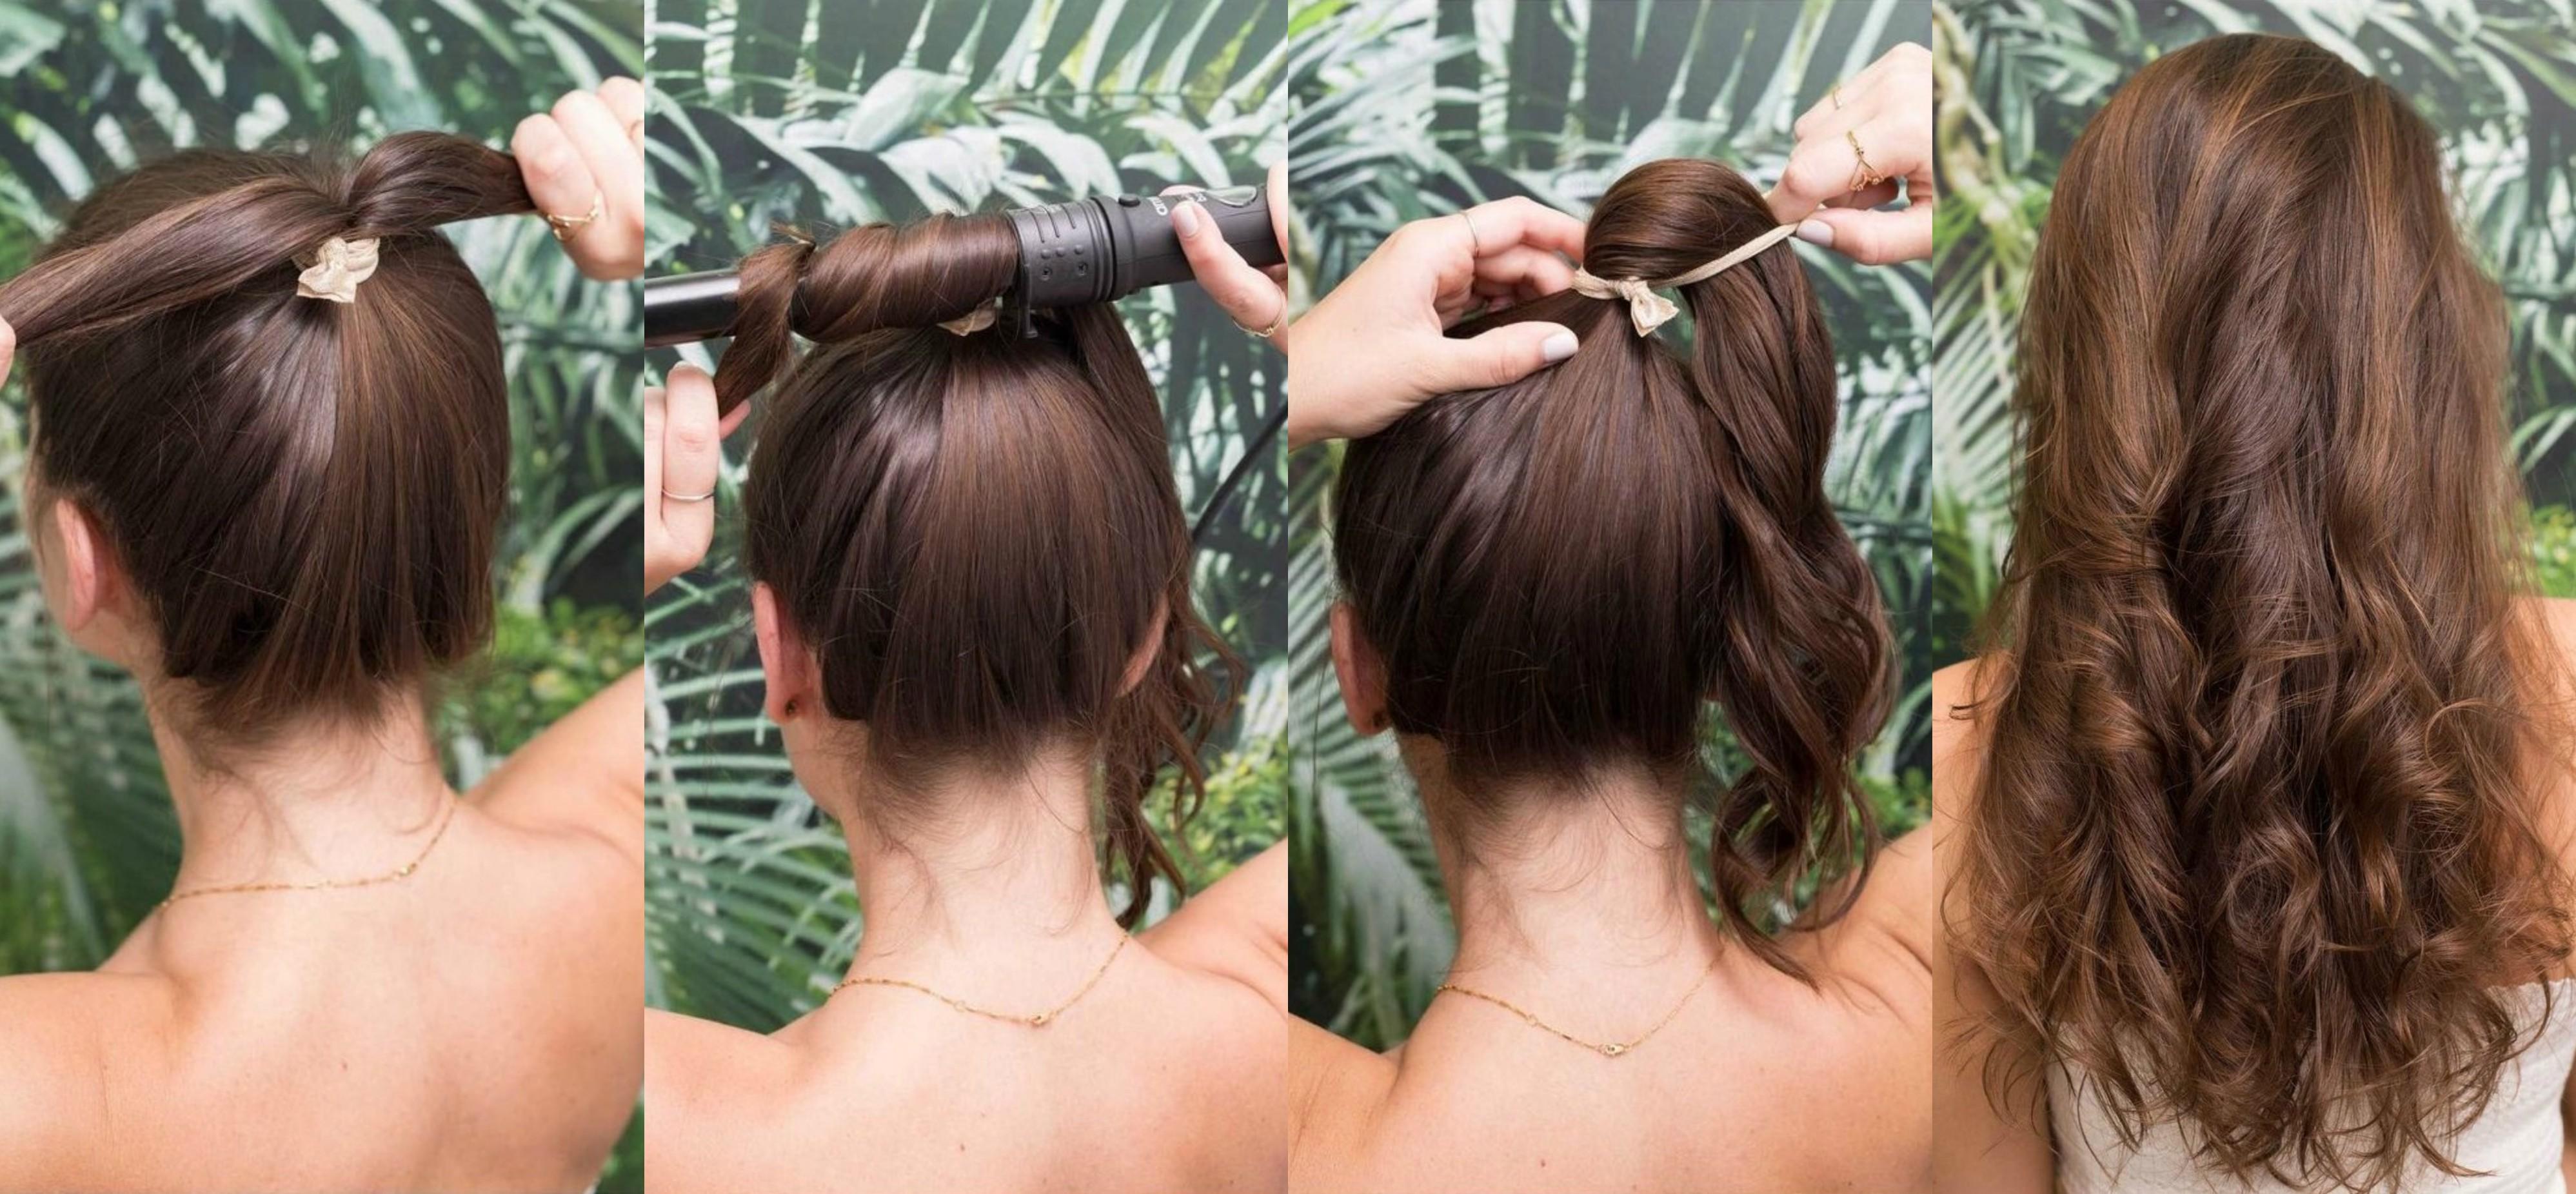 Más notable peinados con secadora Fotos de las tendencias de color de pelo - 5 peinados super sencillos por si tienes poco tiempo ...